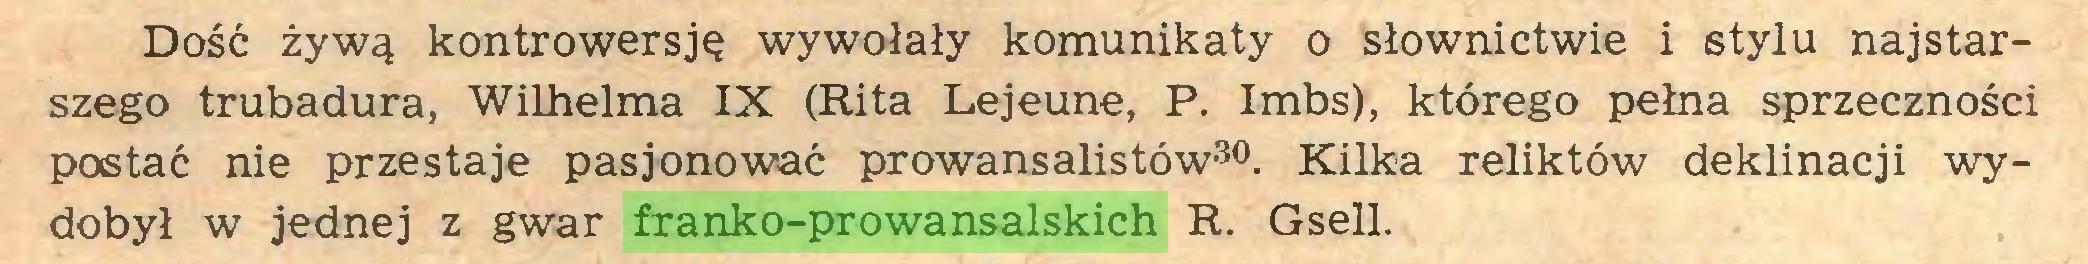 (...) Dość żywą kontrowersję wywołały komunikaty o słownictwie i stylu najstarszego trubadura, Wilhelma IX (Rita Lejeune, P. Imbs), którego pełna sprzeczności postać nie przestaje pasjonować prowansalistów30. Kilka reliktów deklinacji wydobył w jednej z gwar franko-prowansalskich R. Gsell...